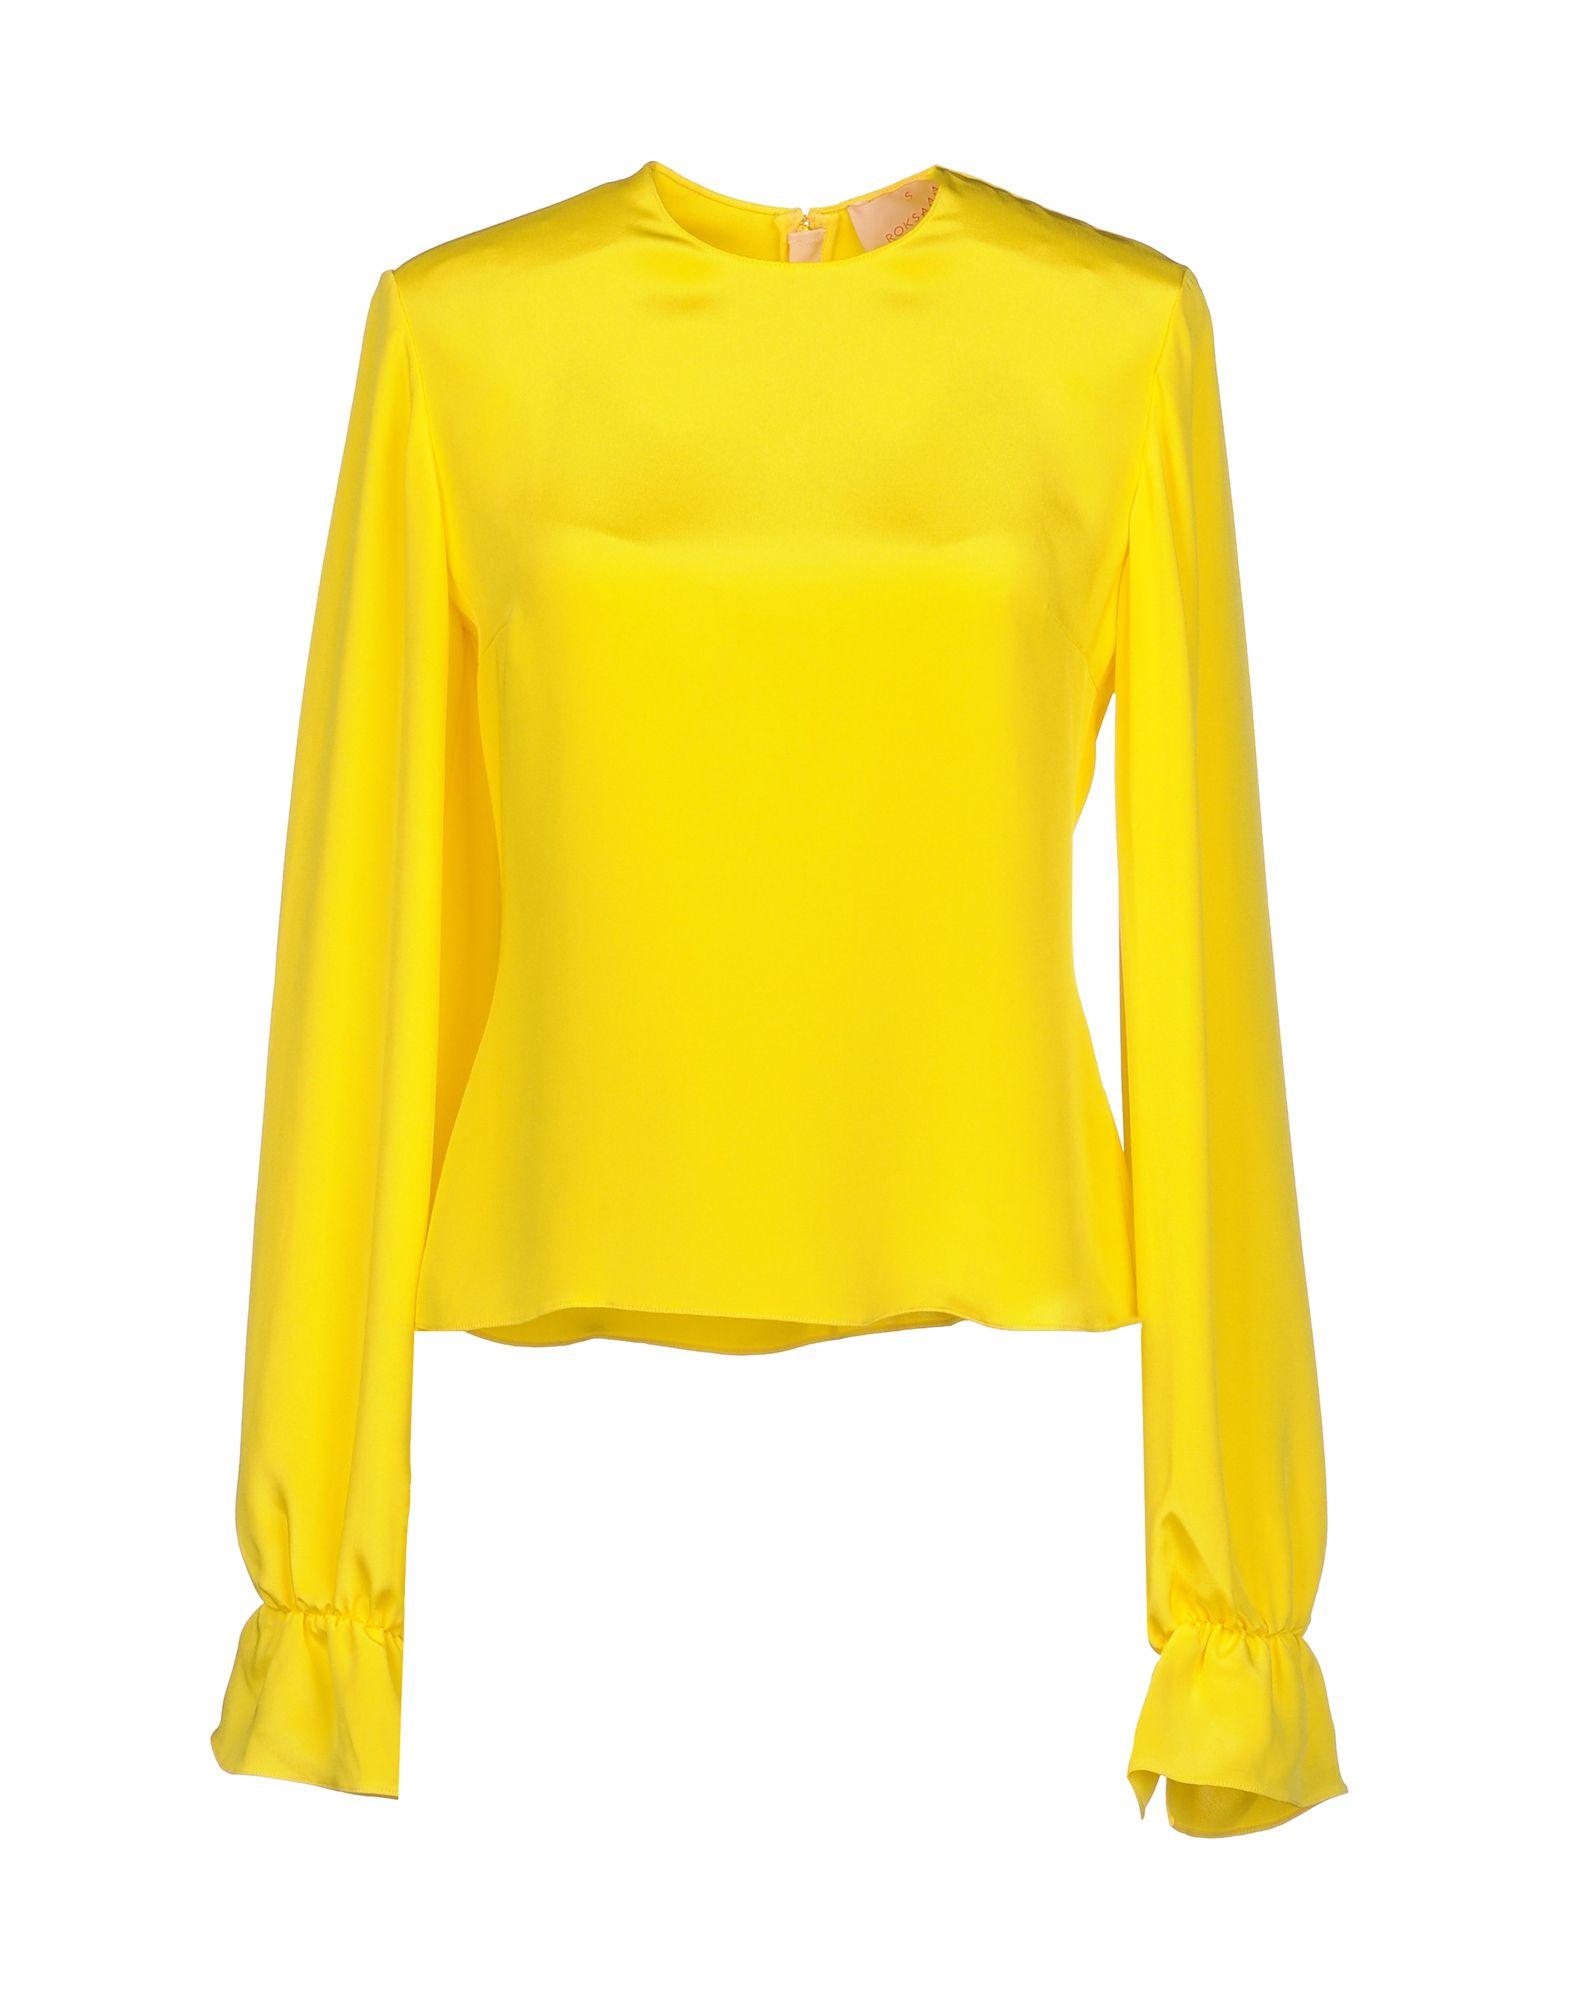 где купить ROKSANDA Блузка по лучшей цене